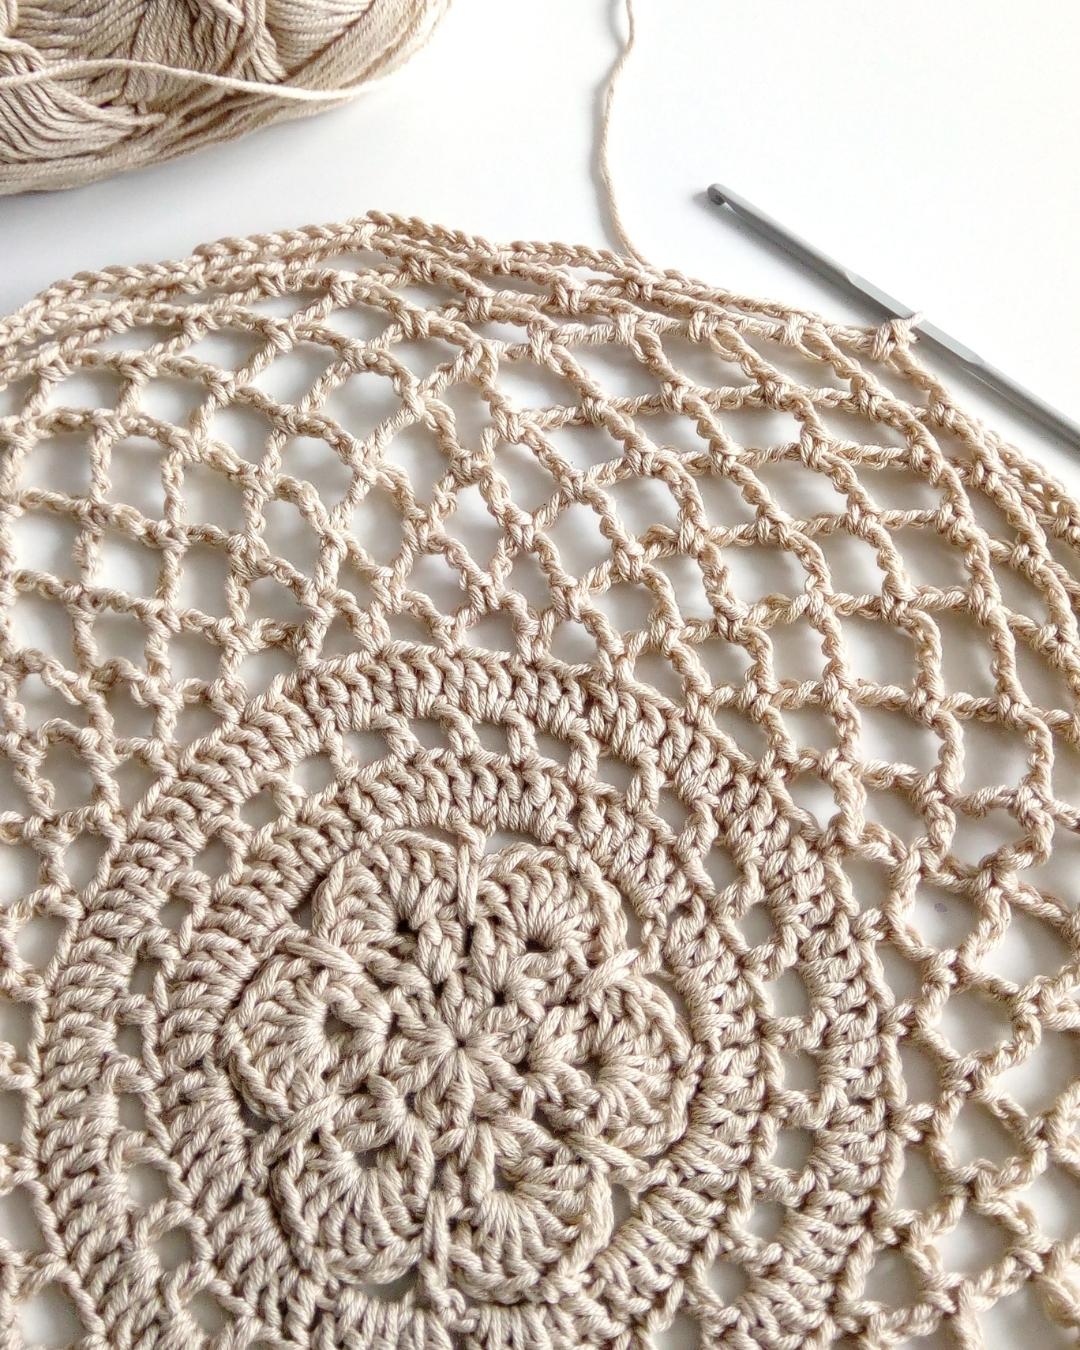 beige crochet market bag in progress